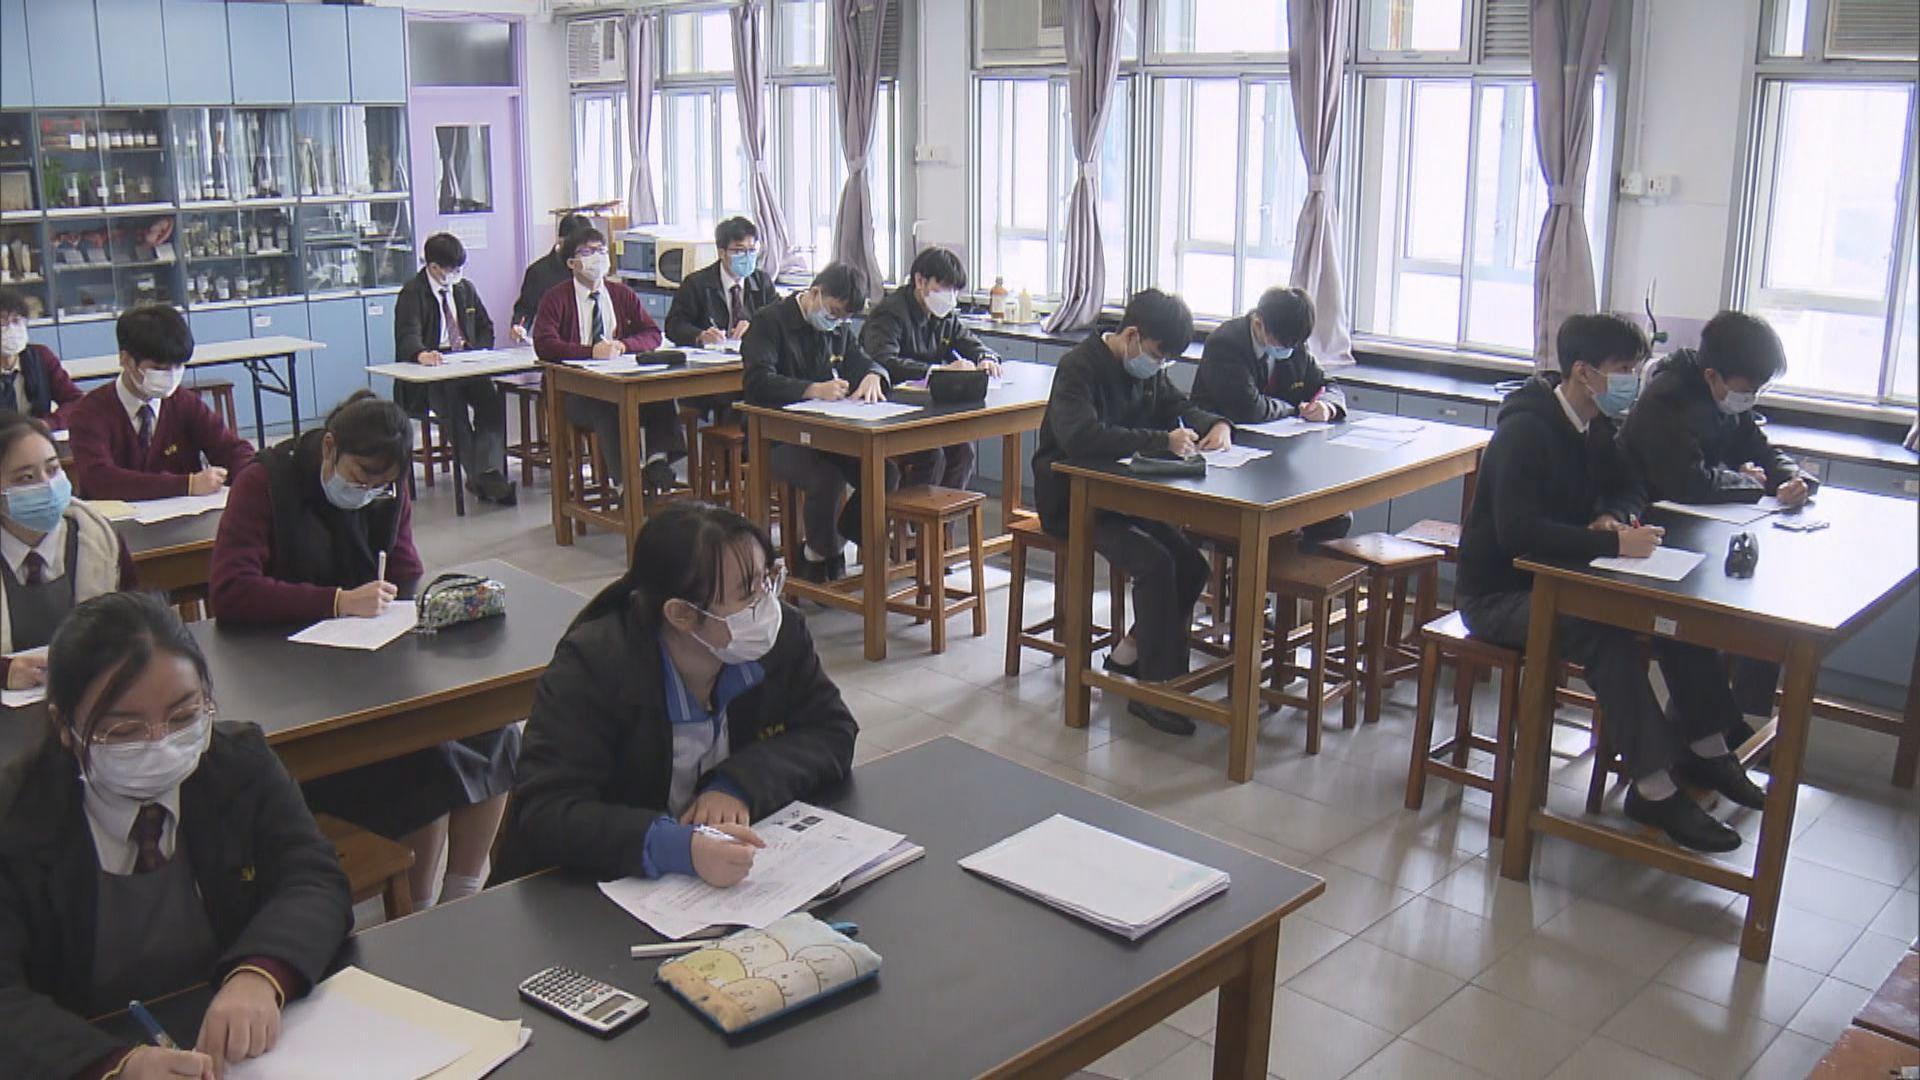 第四波疫情暫停面授課堂 文憑試考生備試受影響